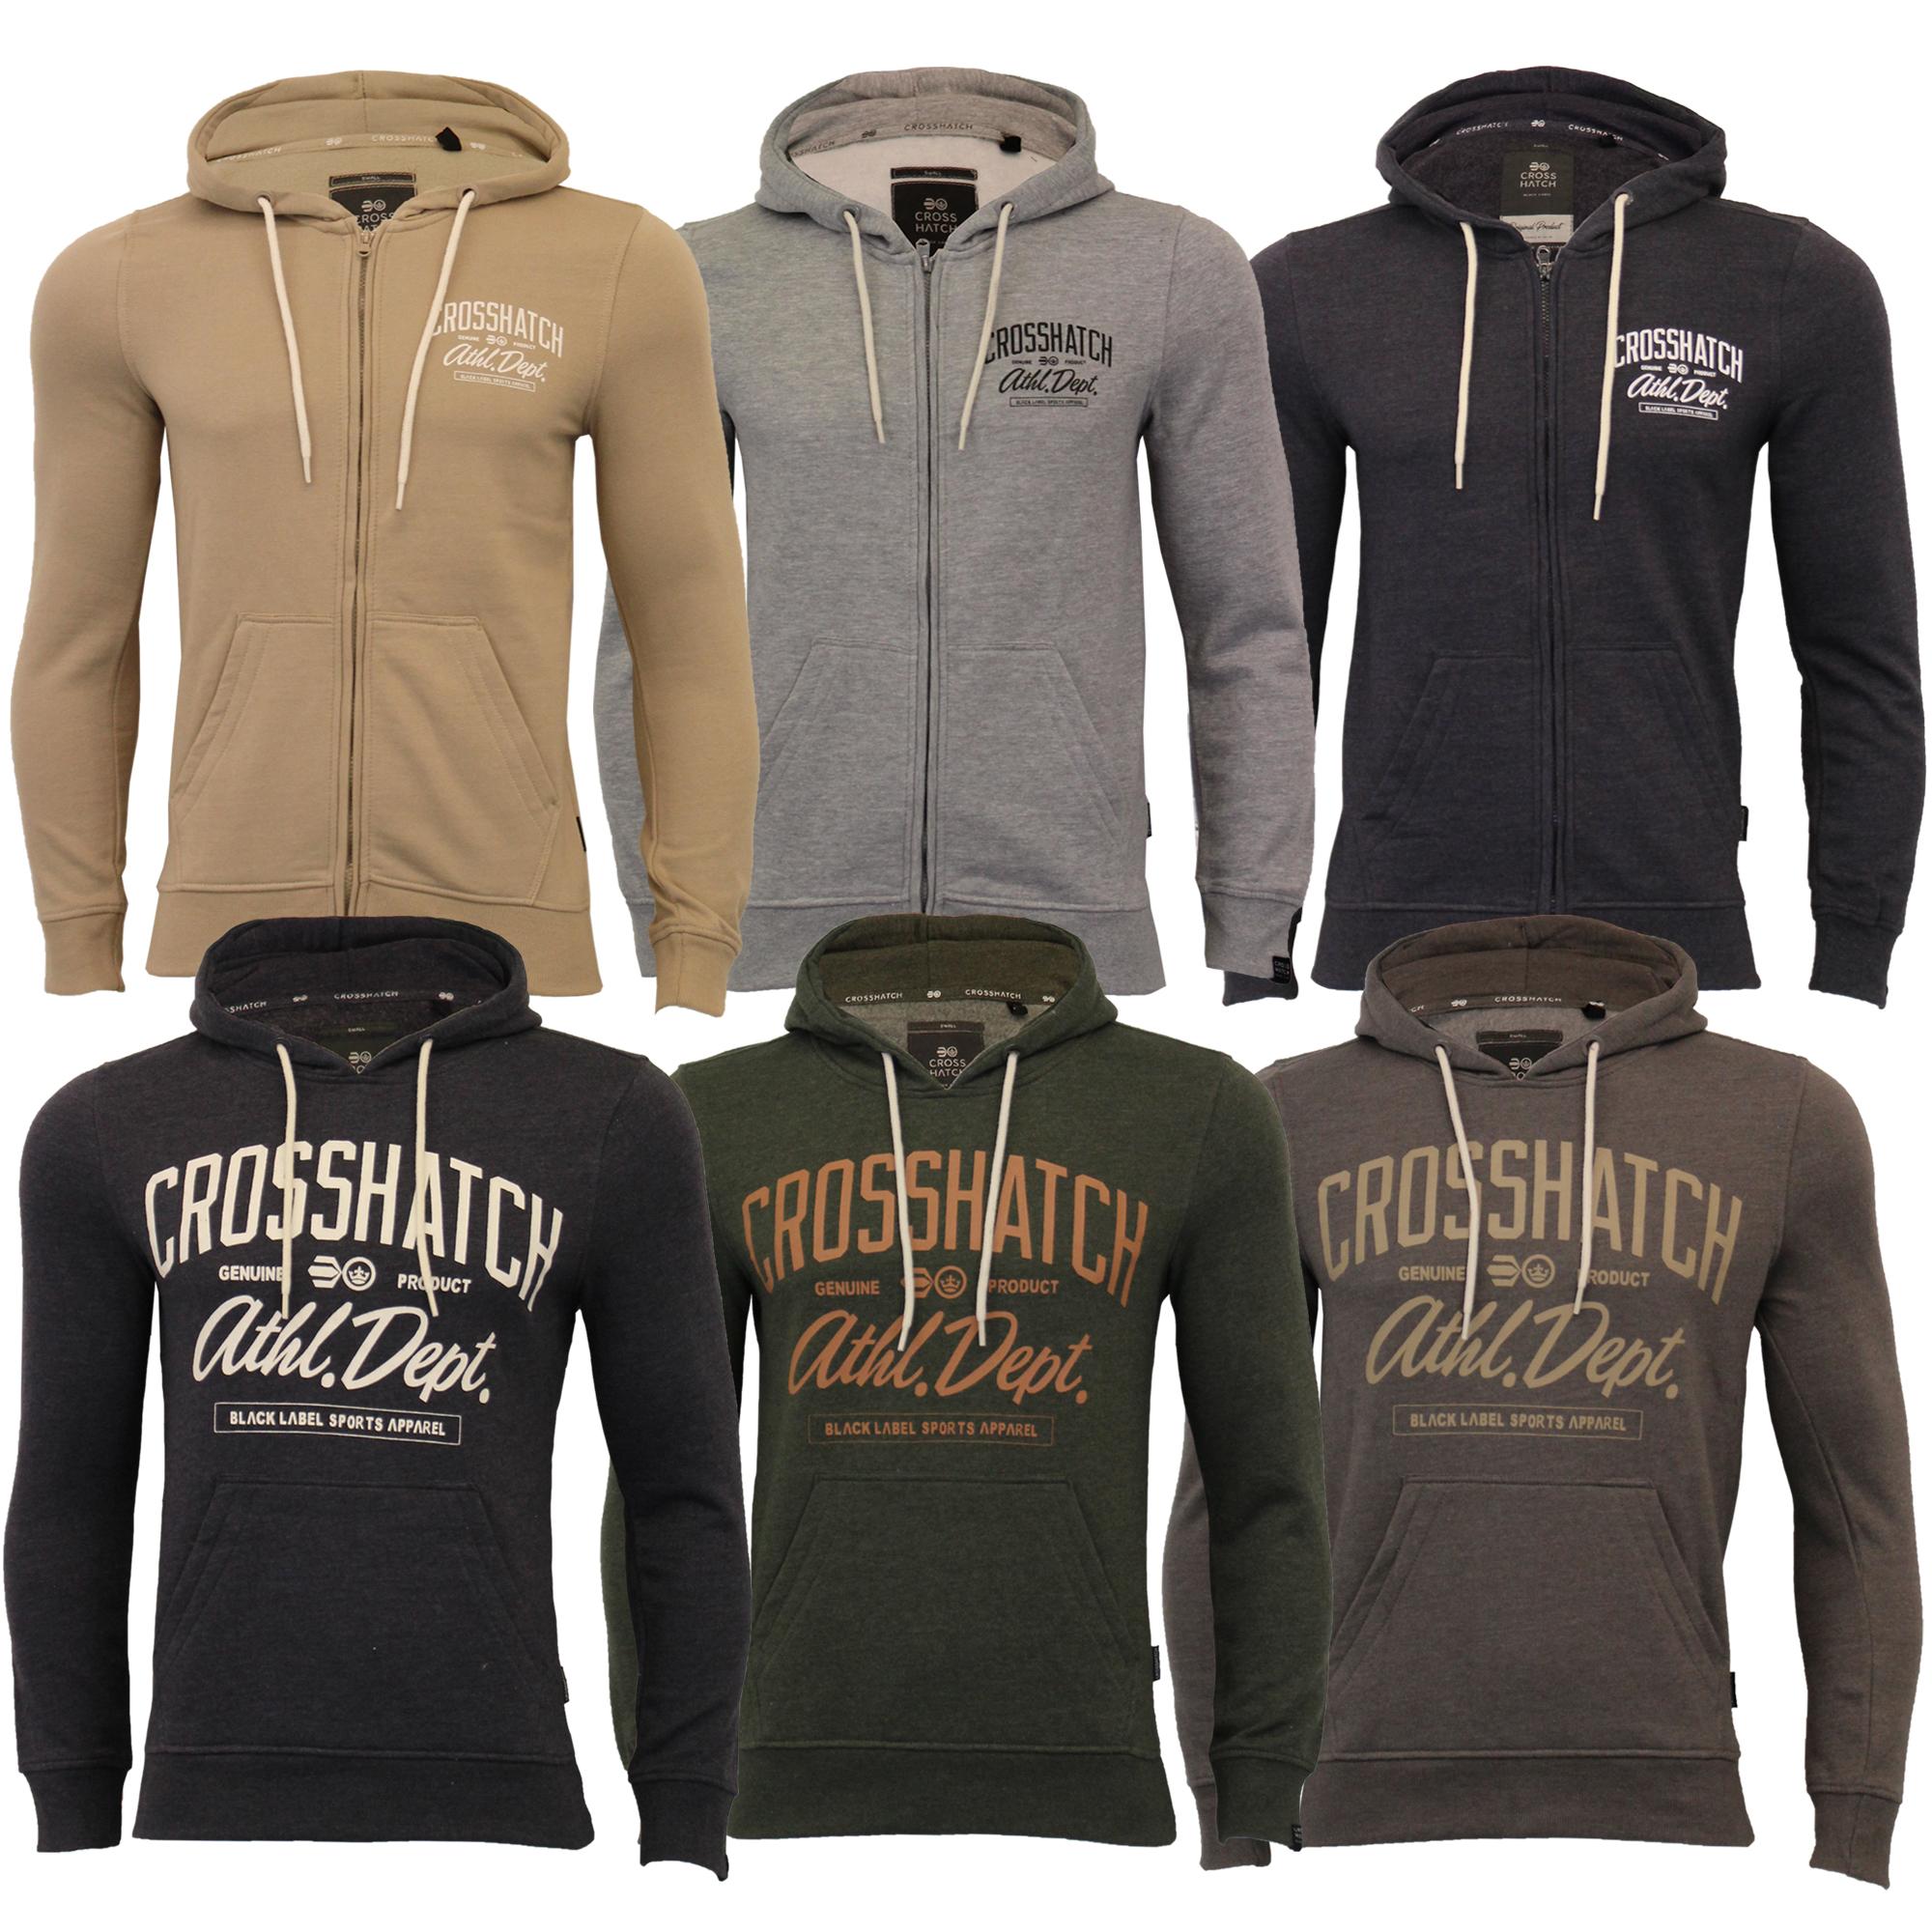 Mens-Sweatshirt-Crosshatch-Over-The-Head-Hoodie-Printed-Zip-Pullover-Top-Fleece thumbnail 5